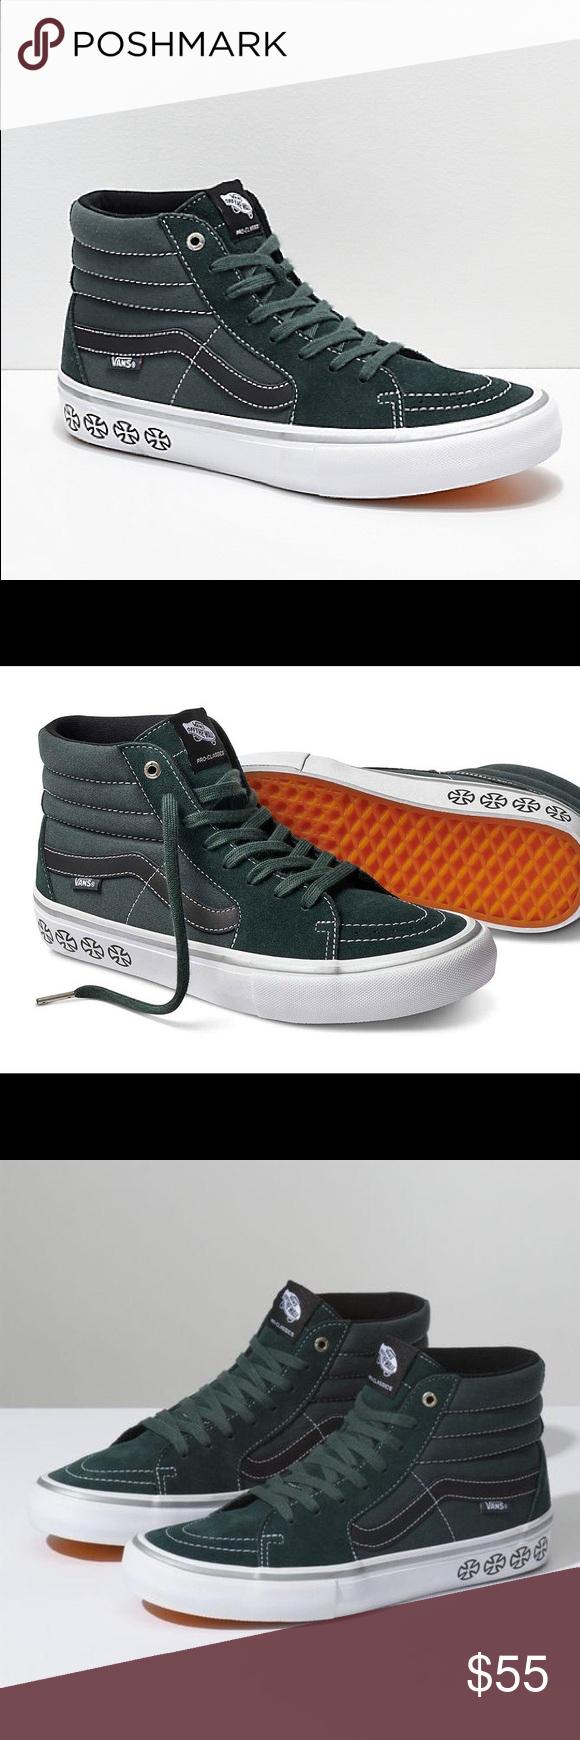 ab8d77dc52 Vans x Independent Sk8 Hi Pro Men s Skate Shoes Color  Spruce Green Men s  size